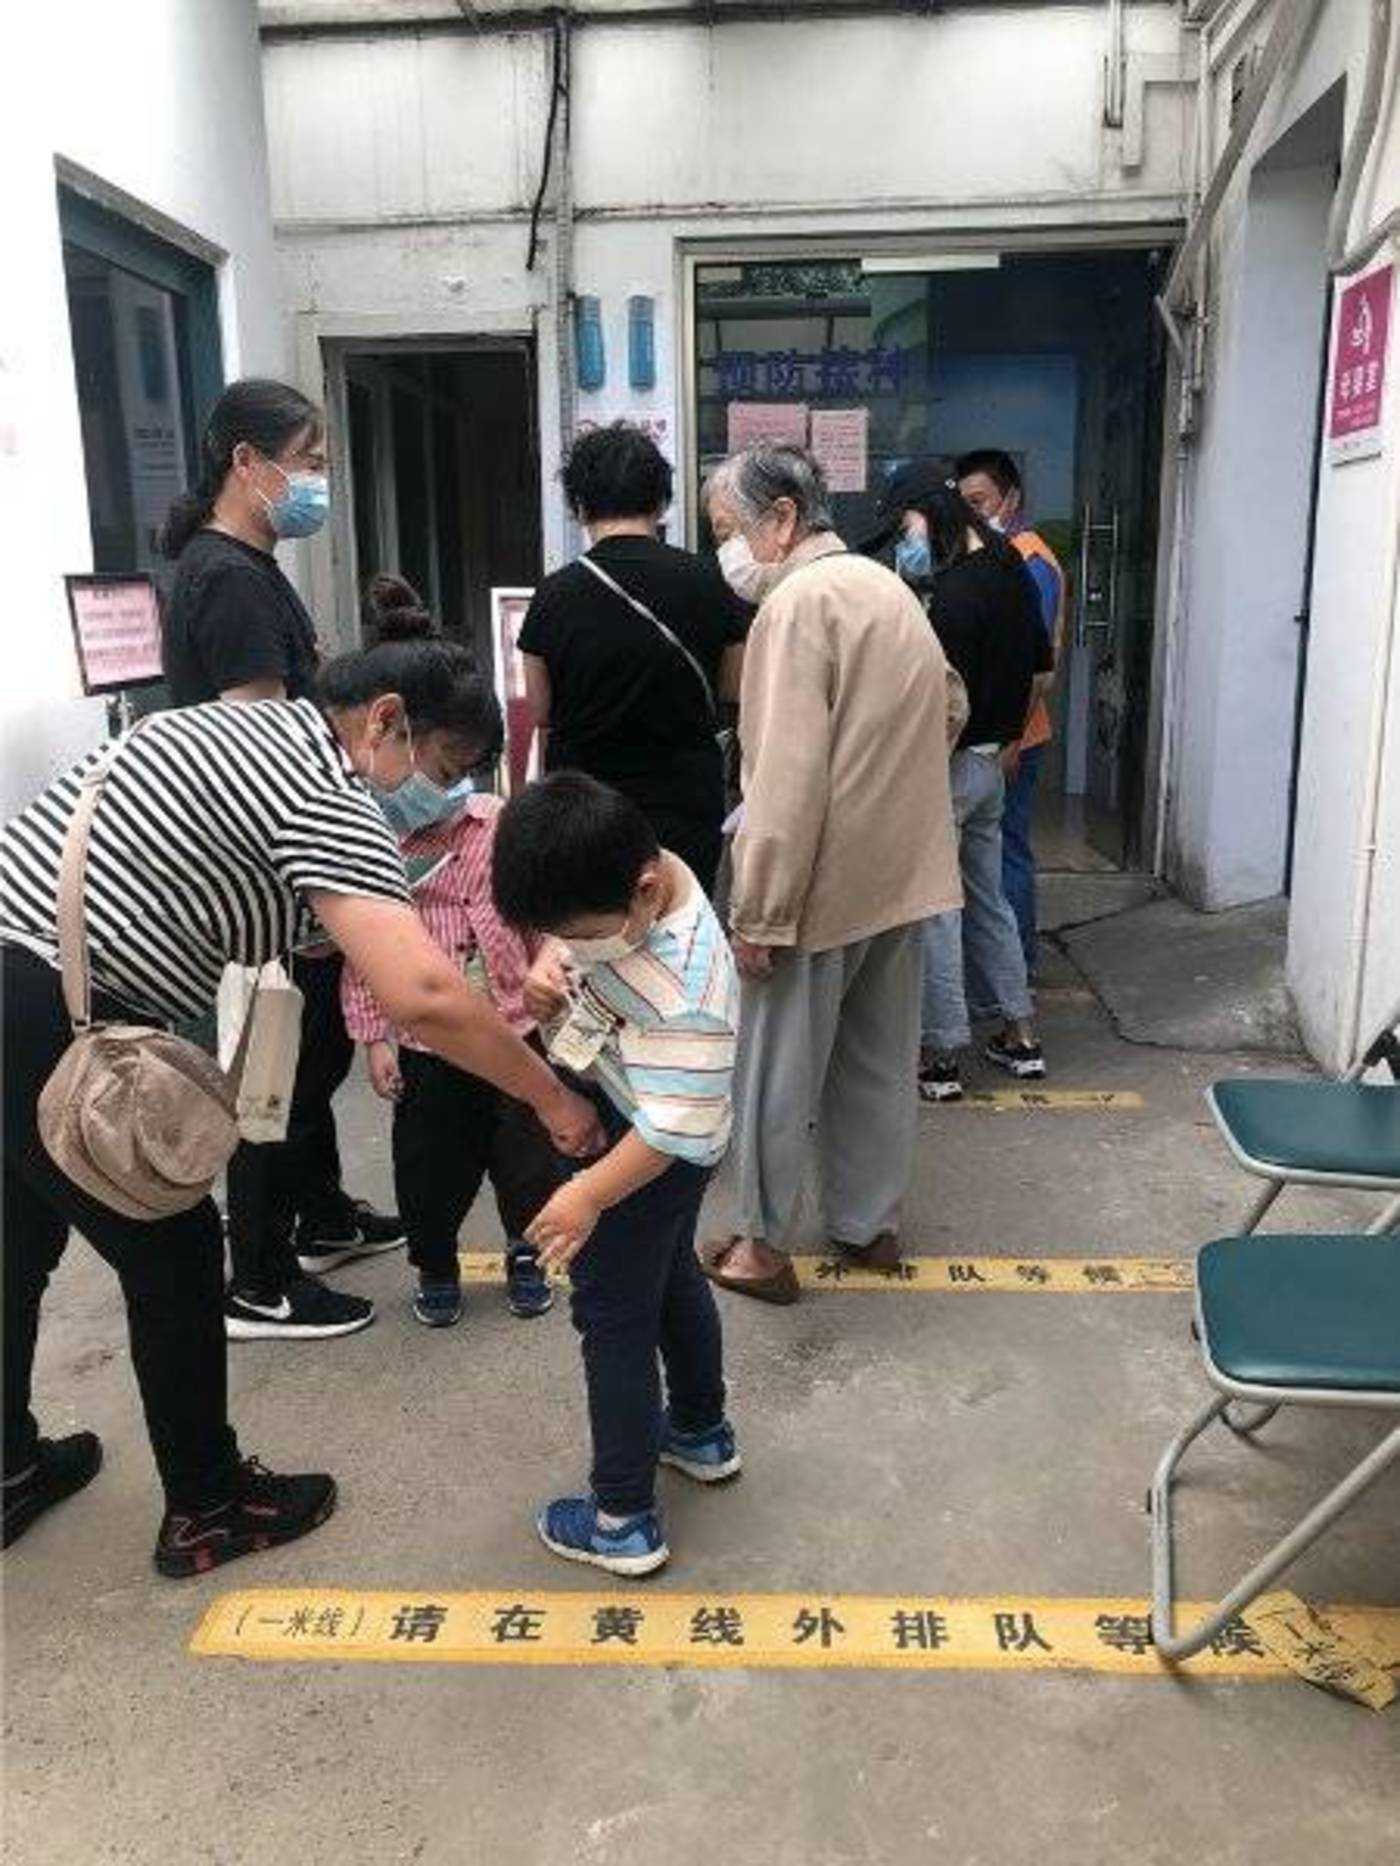 △9月25日,上海浦东新区周家渡社区卫生服务中心,居民排队接种流感疫苗。吴晔婷摄